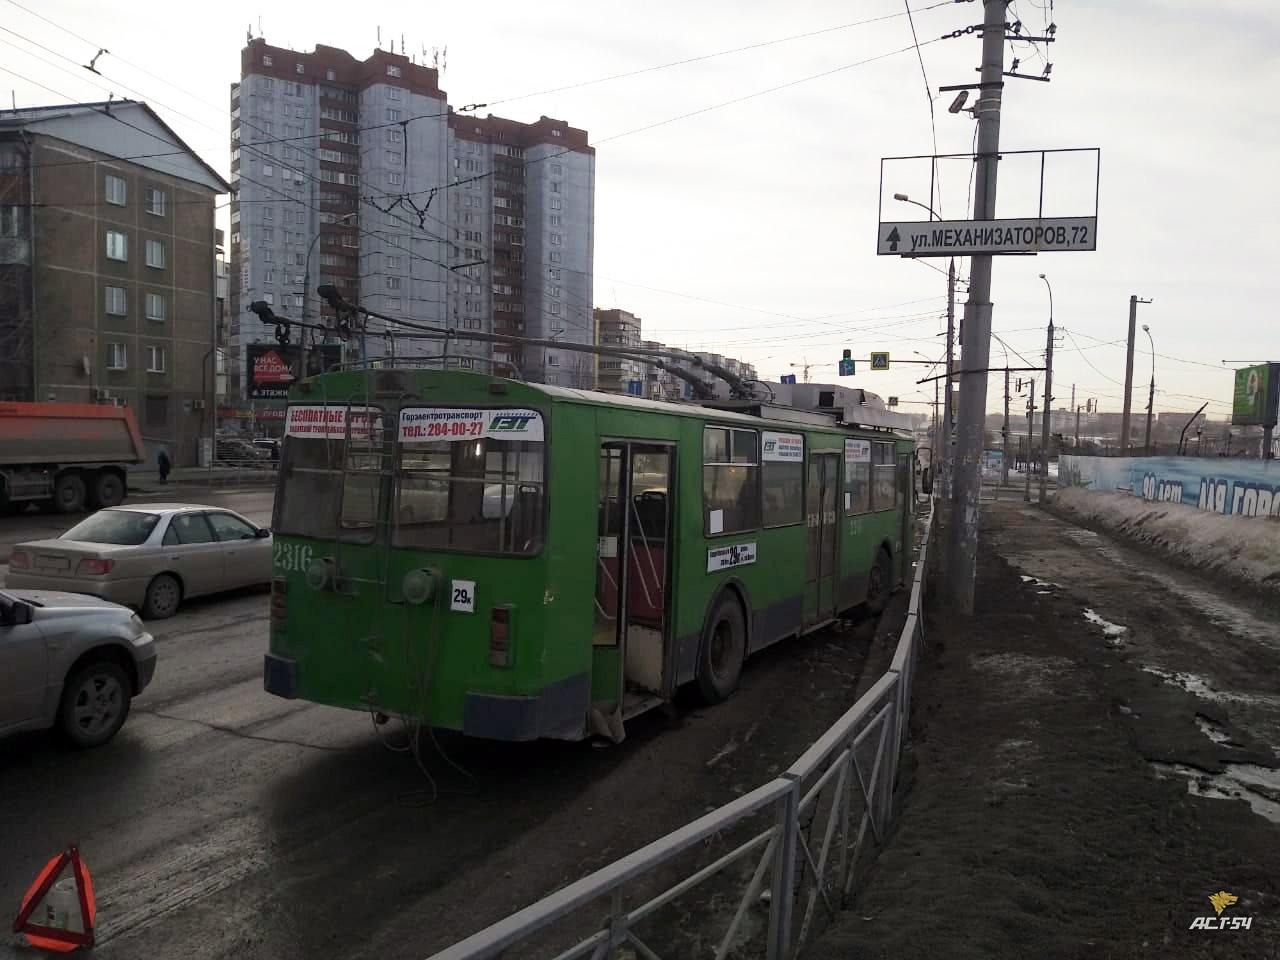 фото Троллейбус без тормозов въехал в дорожное ограждение в Новосибирске 3